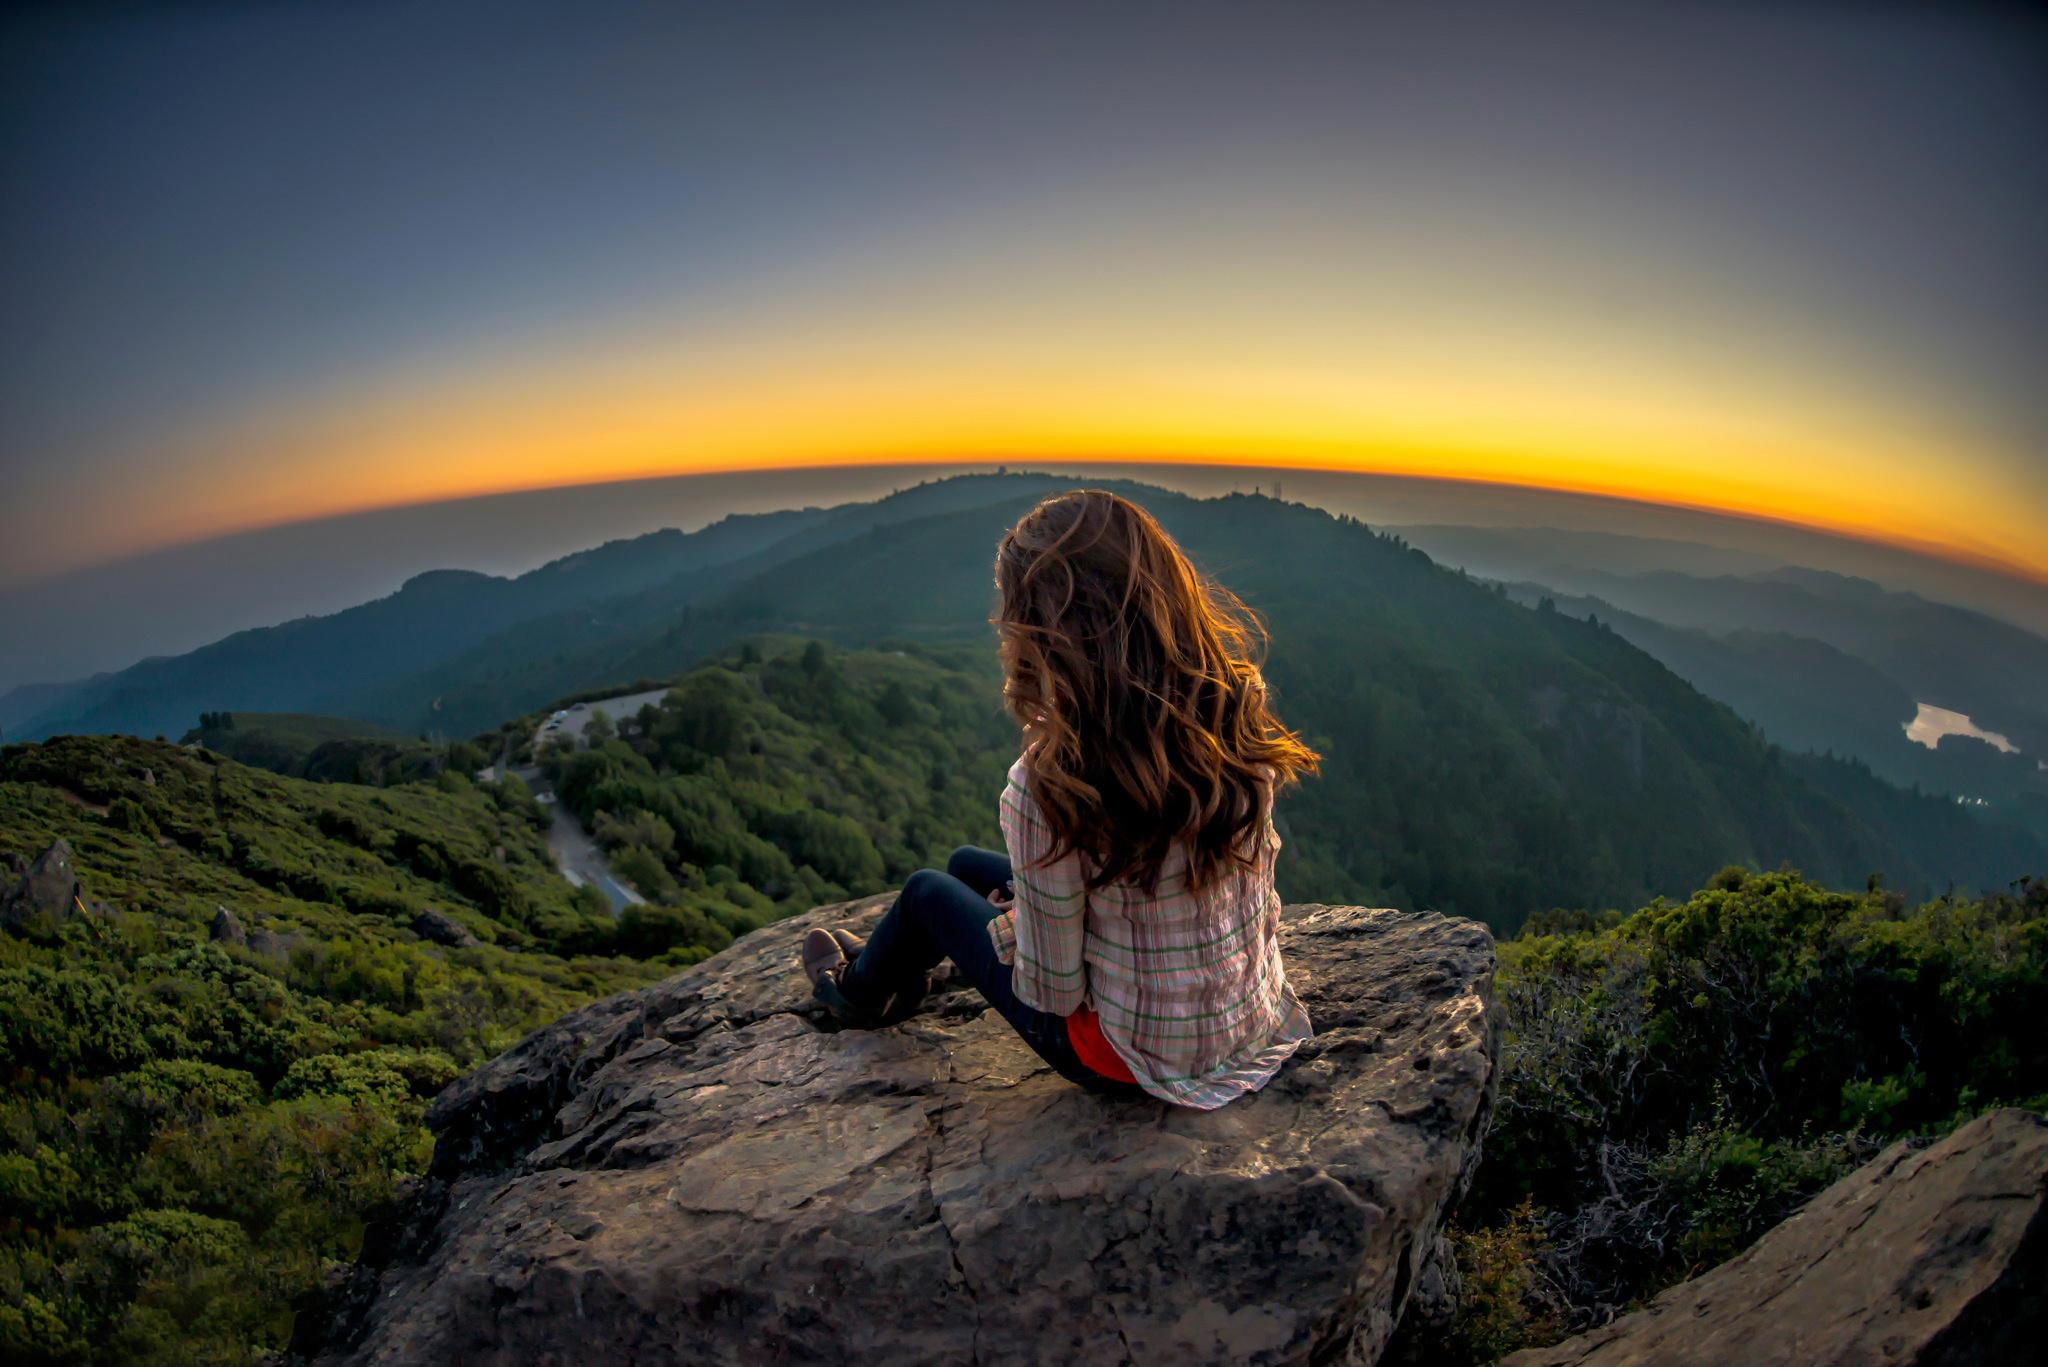 со всего мира фото девушек фото природы себя, свою уникальность